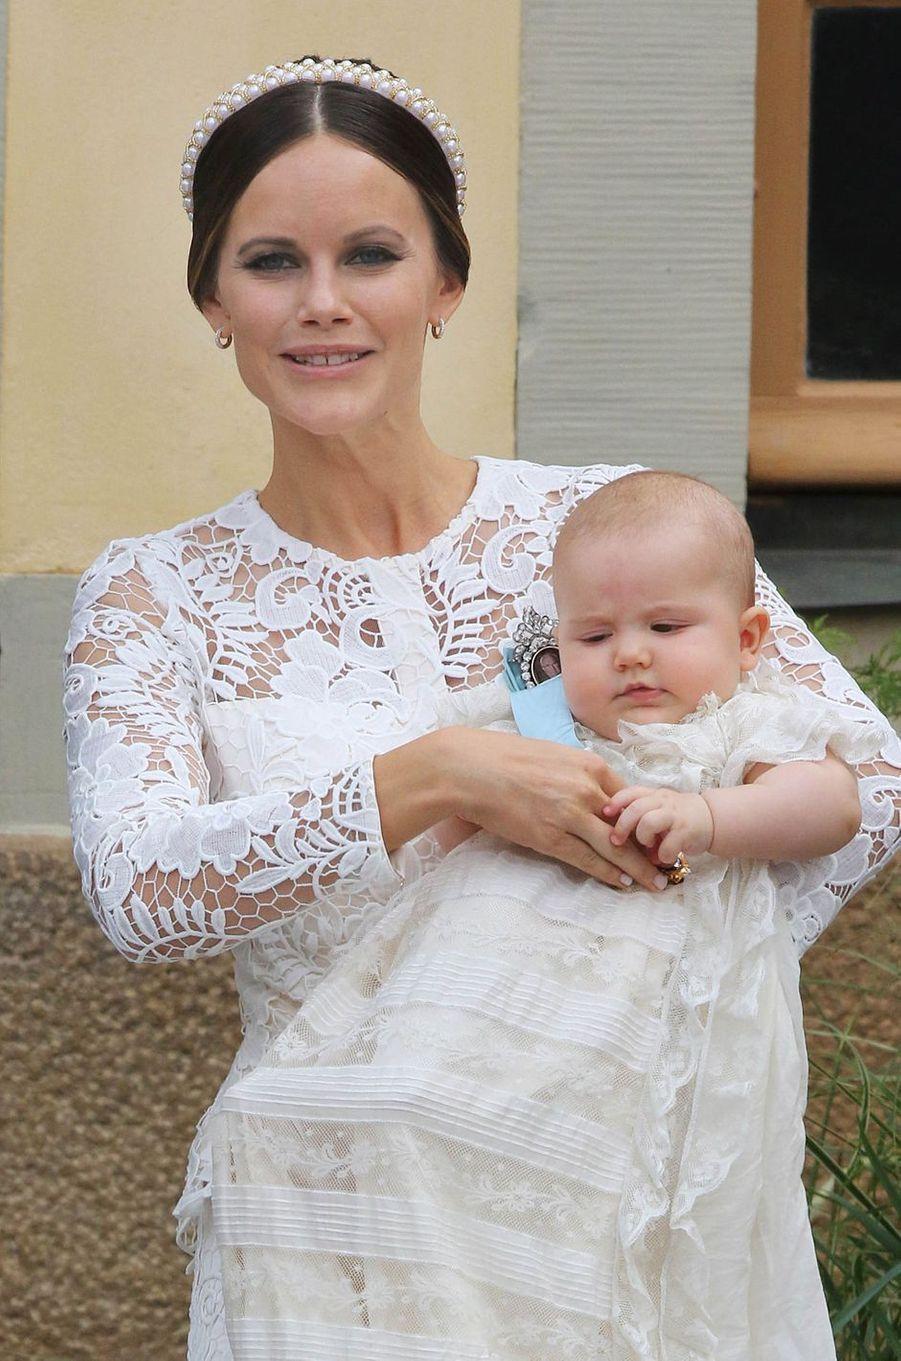 Le prince Alexander de Suède, le 9 septembre 2016, jour de son baptême, avec sa mère la princesse Sofia